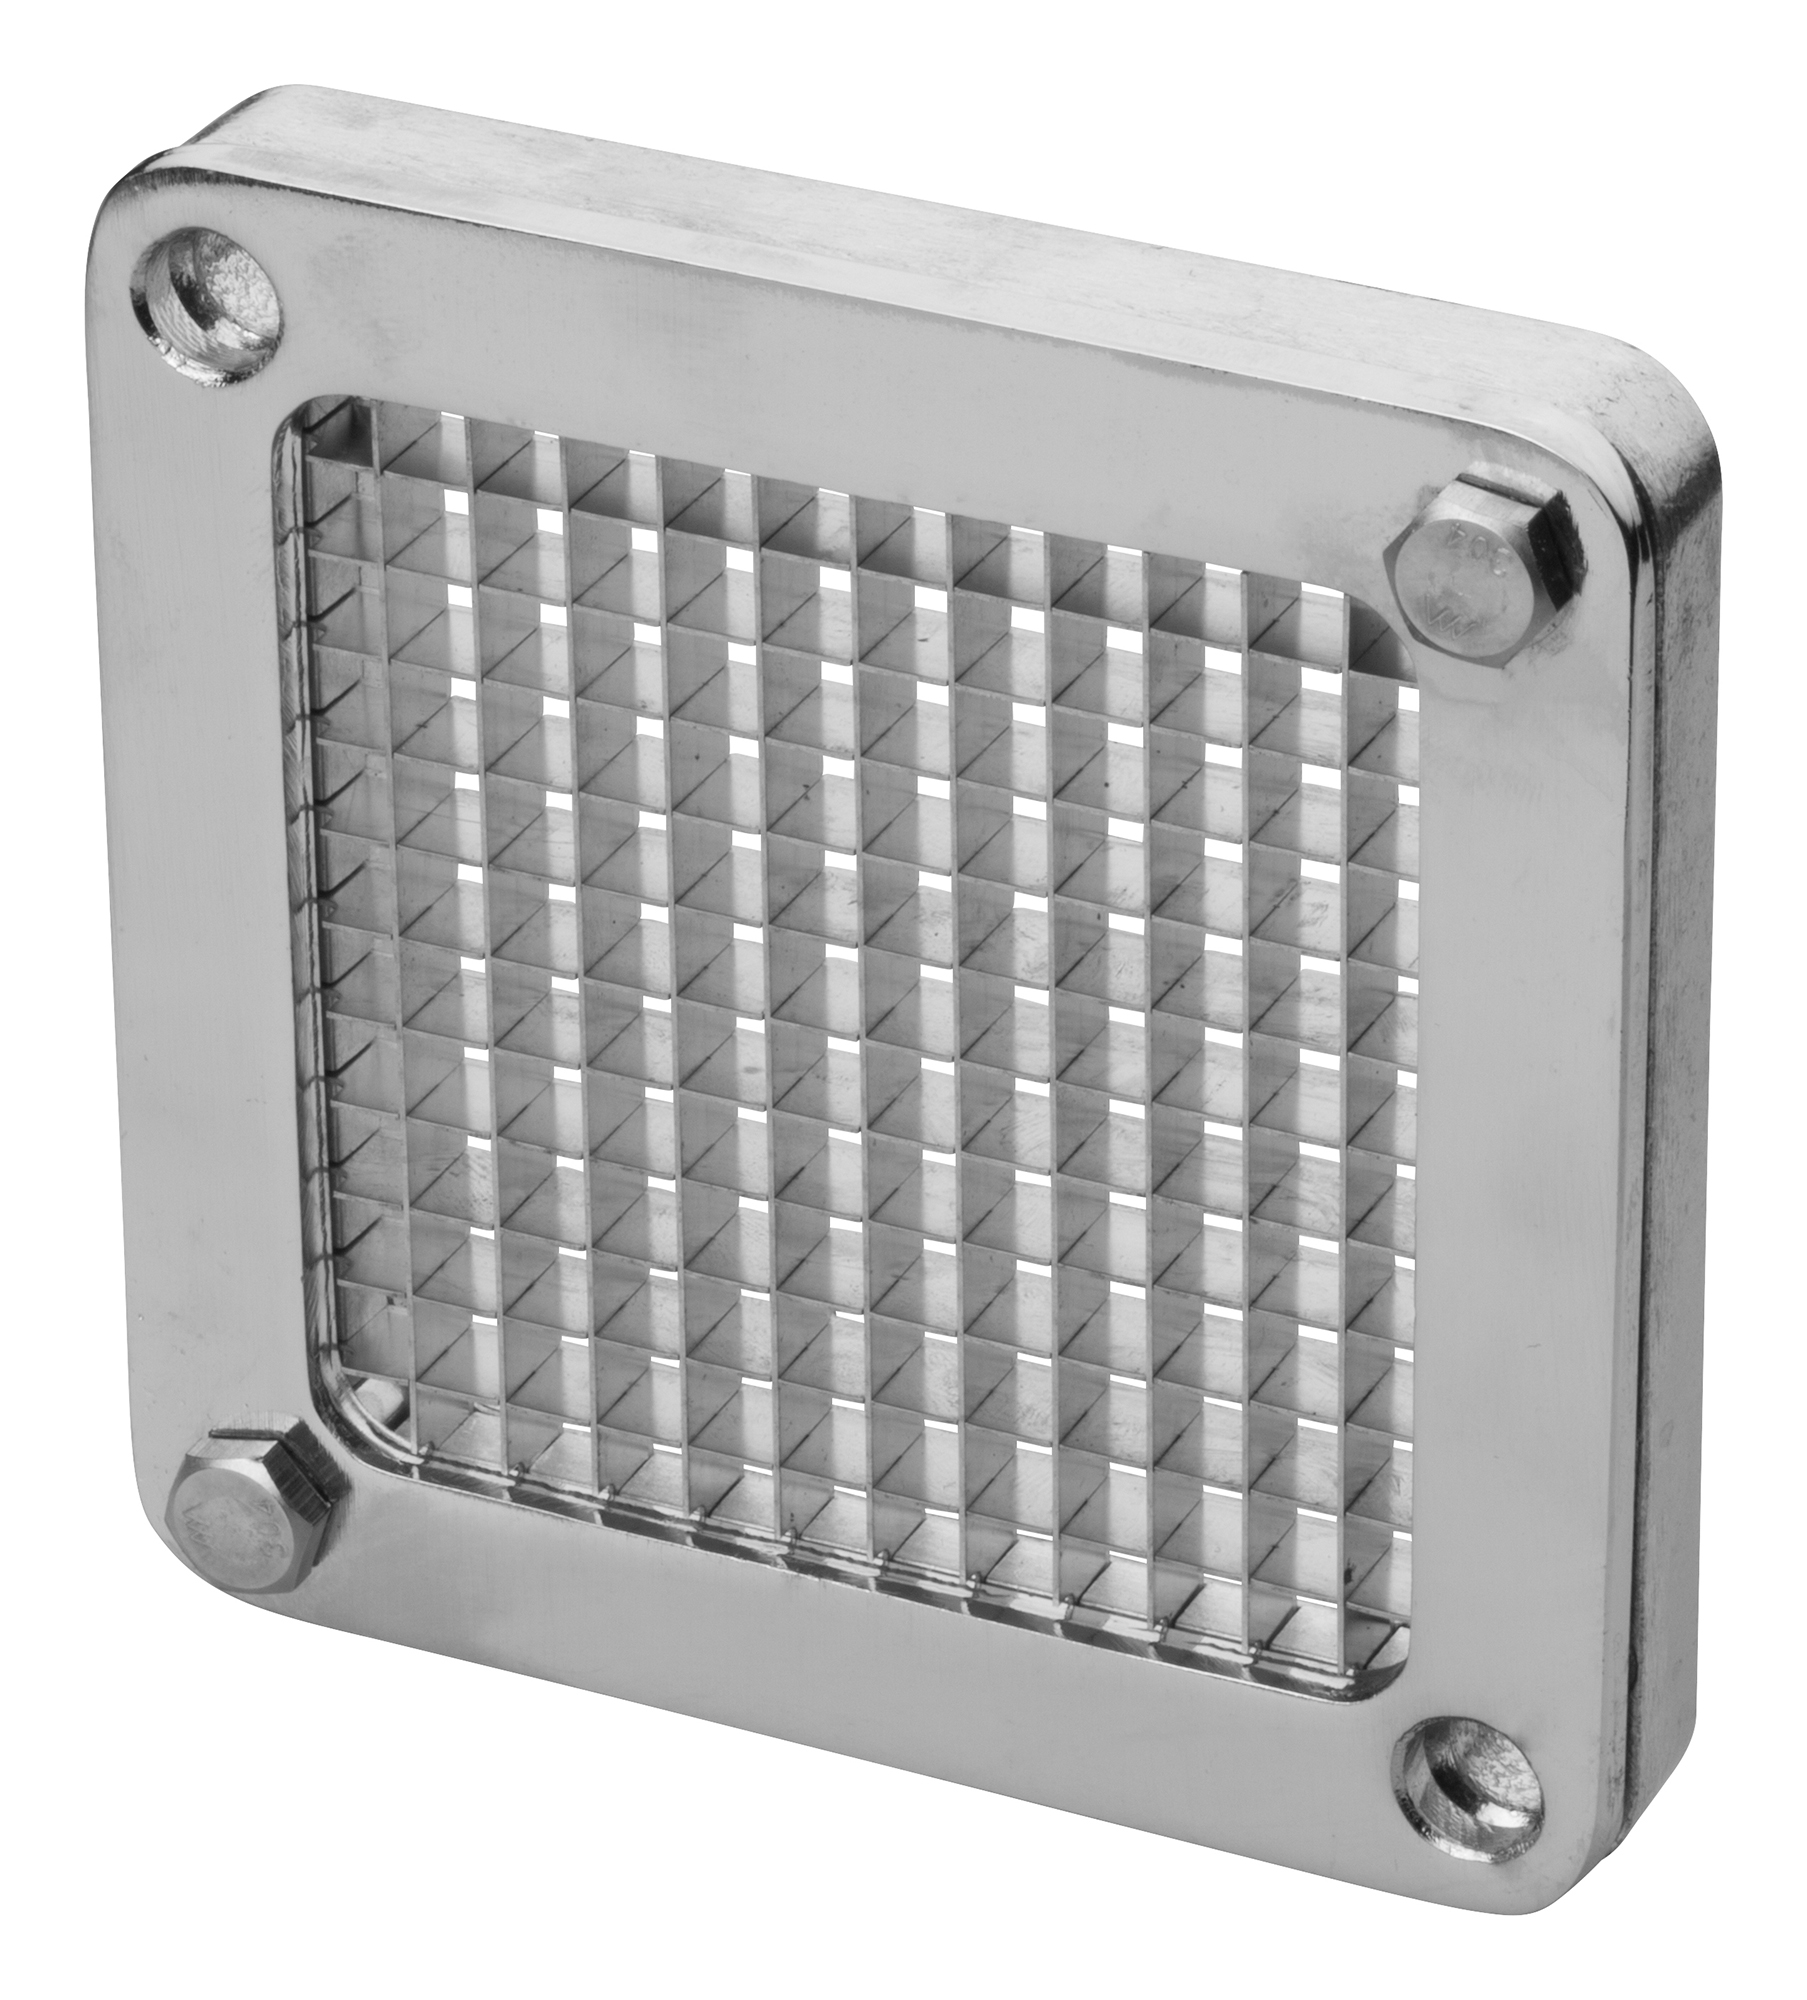 Winco HFC-250B countertop manual prep tools